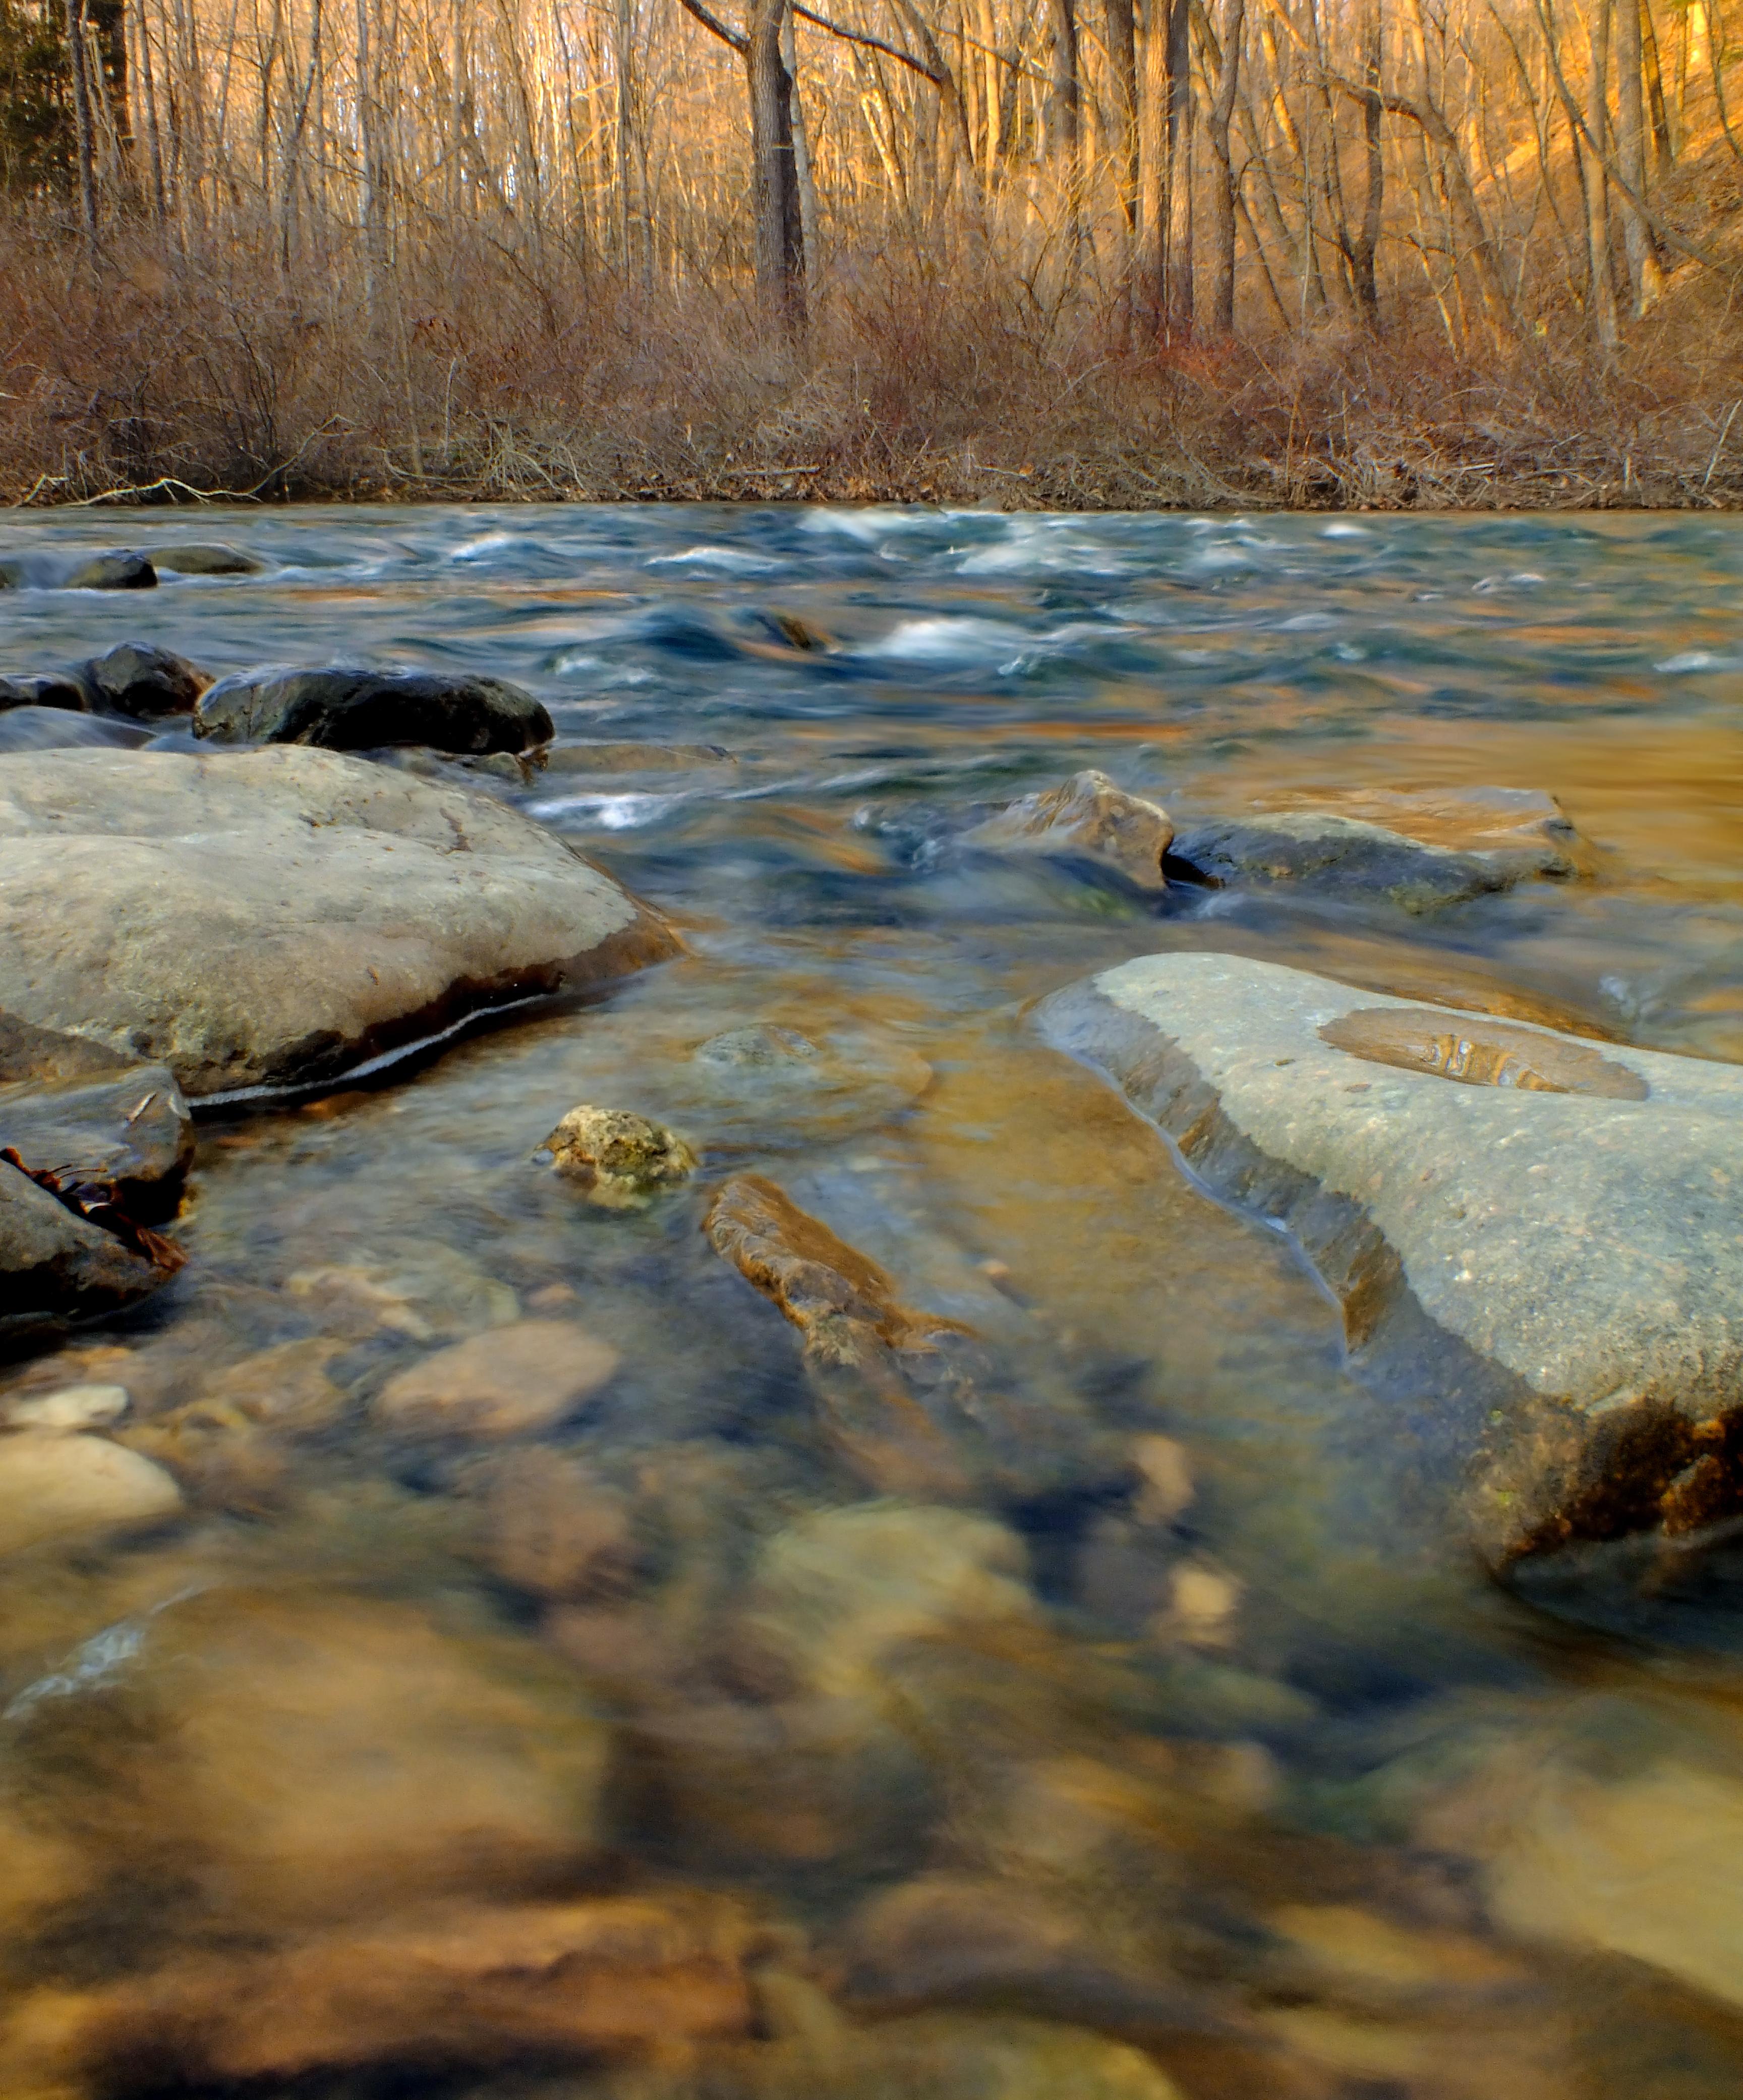 ручей реки моря картинки чудес сотворил